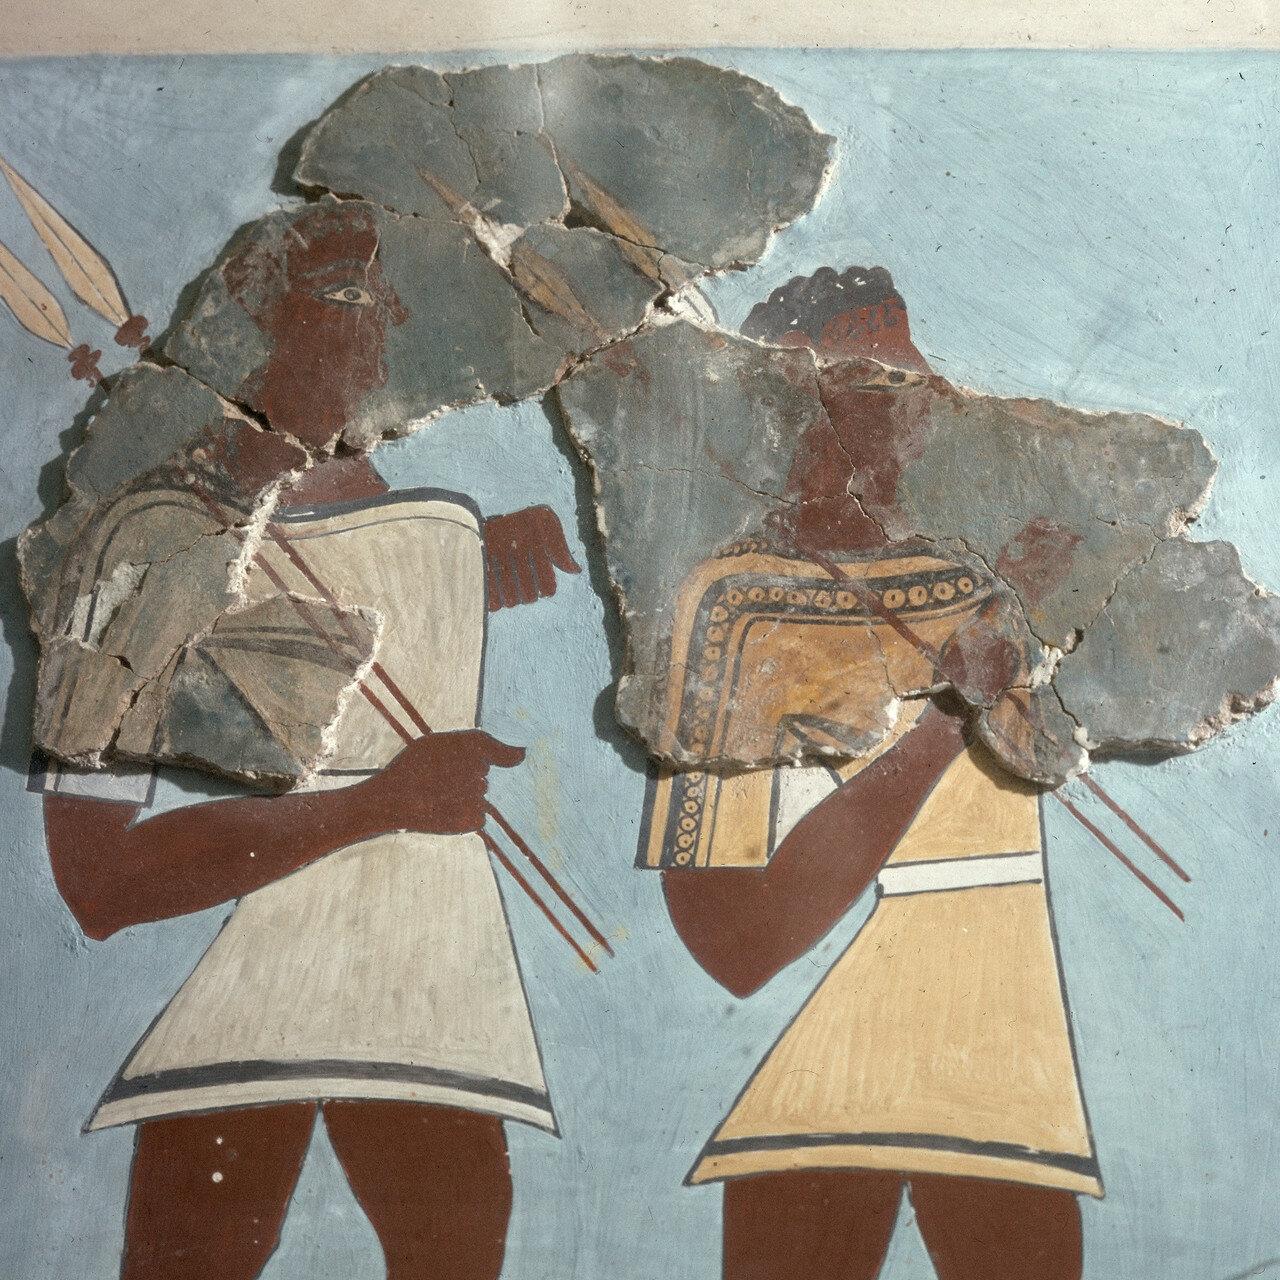 Афины, Национальный археологический музей. Процессия воинов, XIII в. до н.э  Фрагмент фрески из старого дворца Тиринфа